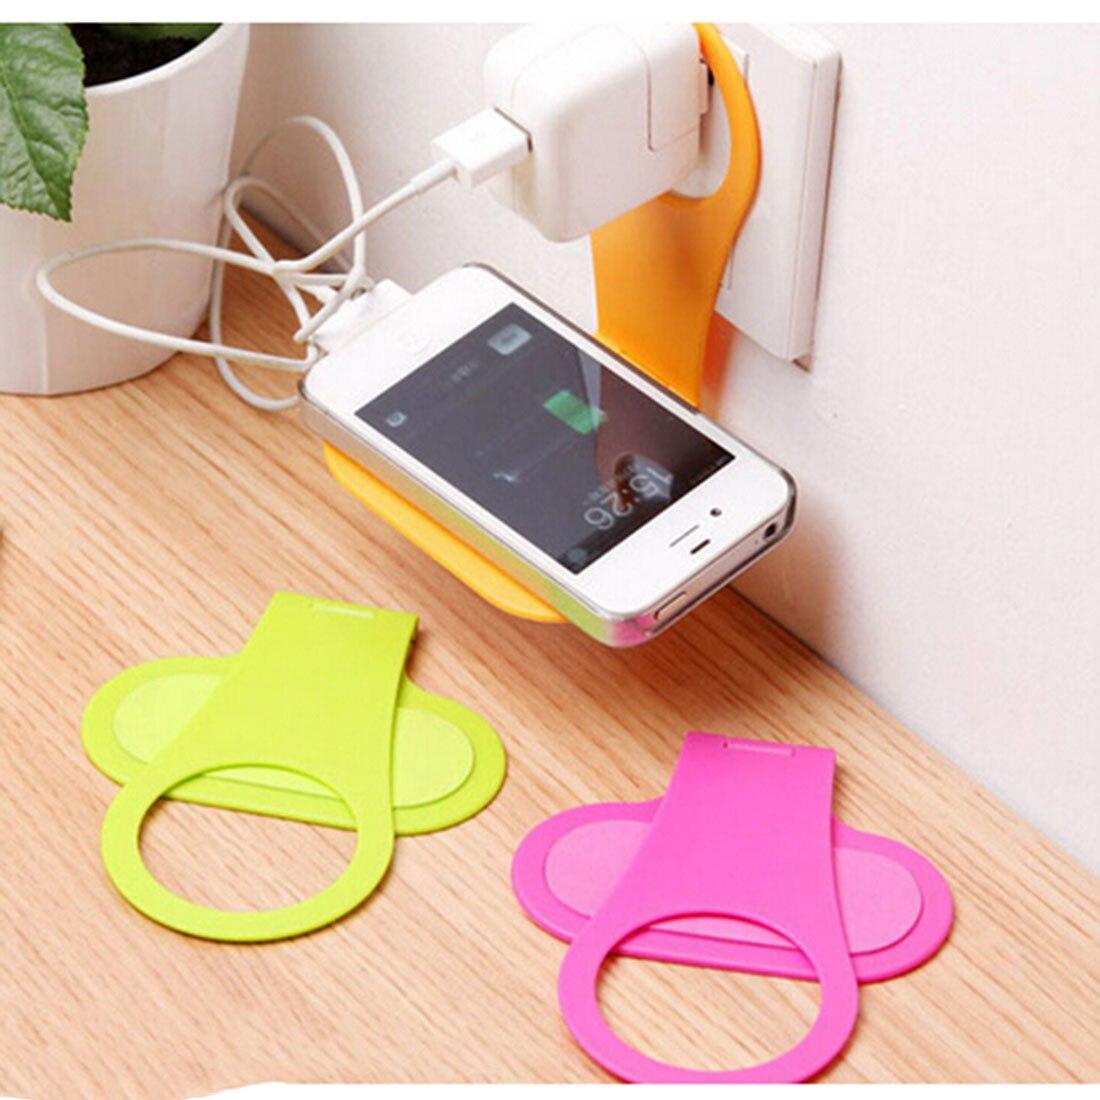 Полка для зарядки мобильных телефонов своими руками